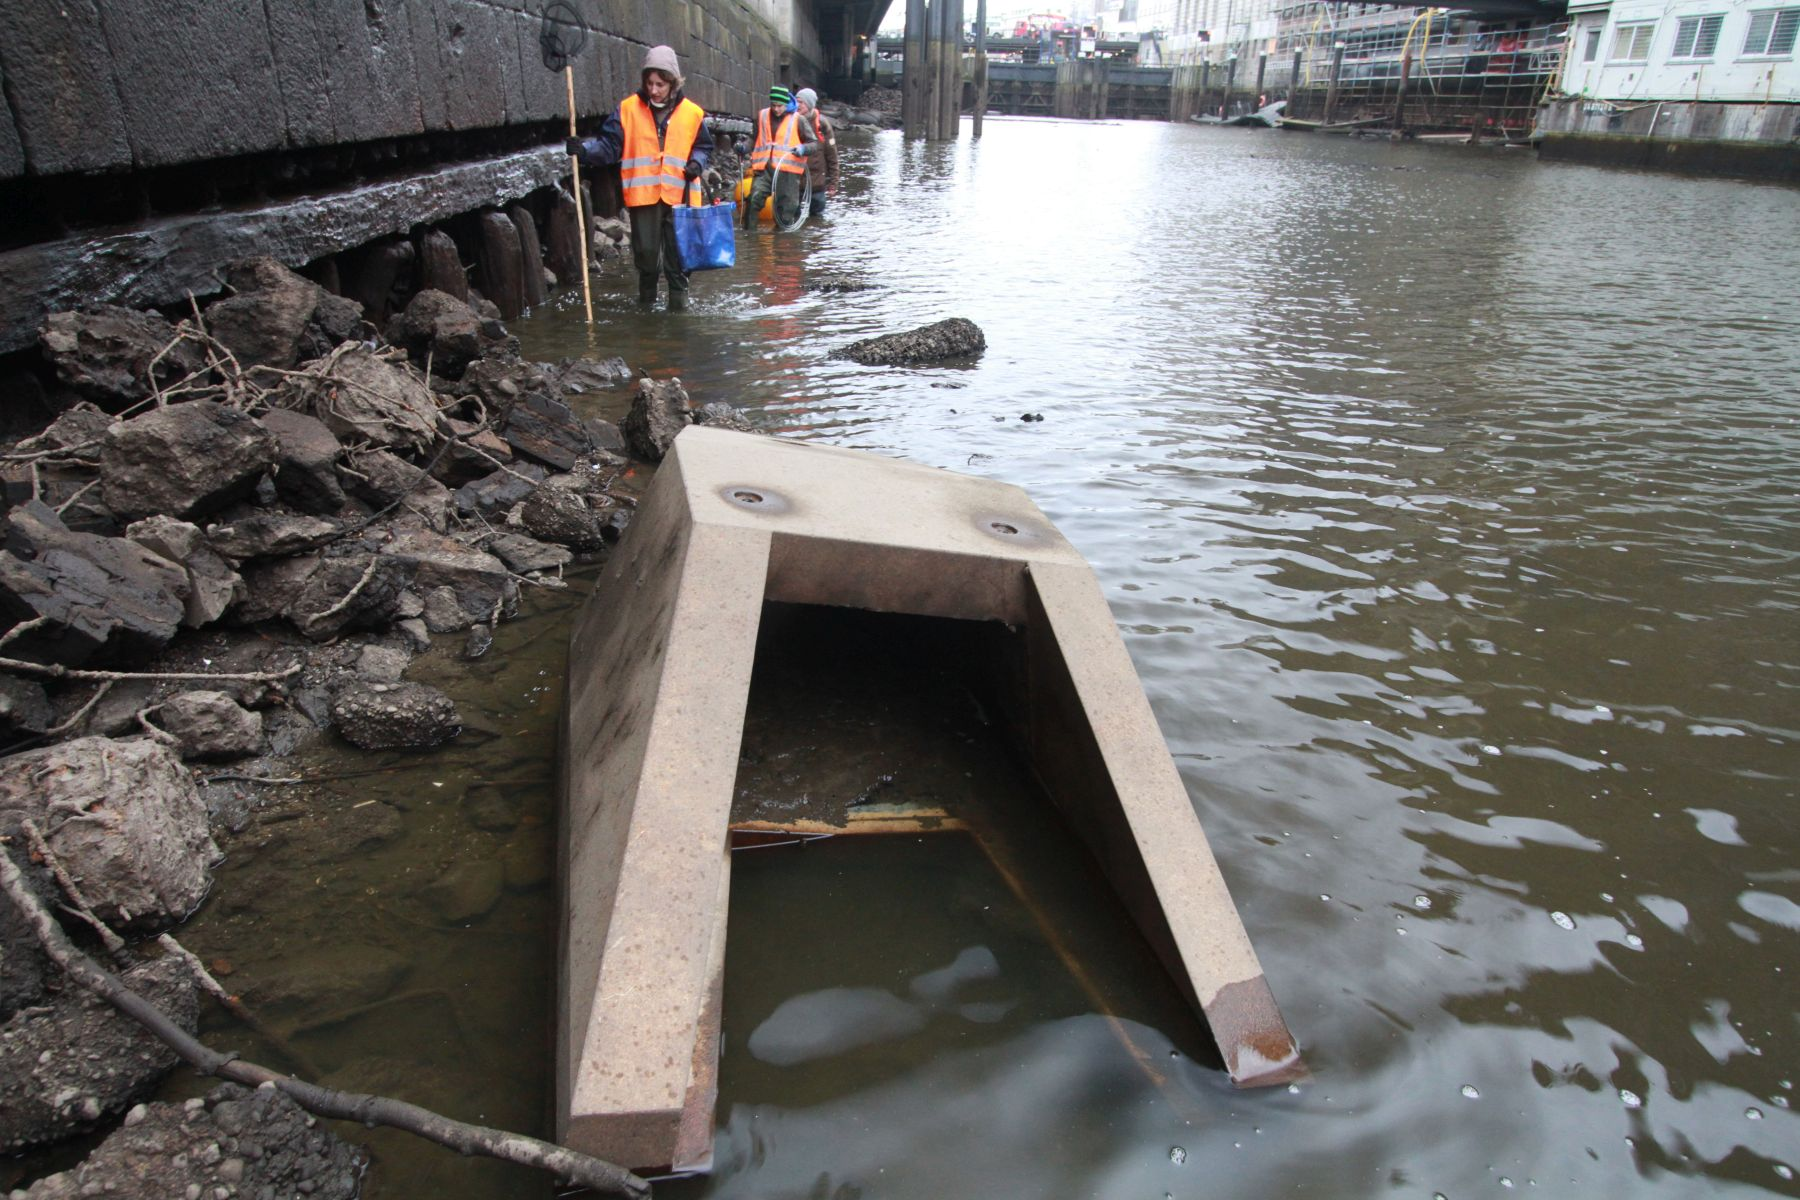 Einer von zwei Stromkokons, die im Sommer 2016 im Alsterflet platziert wurden, und Fischen als Unterschlupf dienen (Foto: A. Lampe).nen